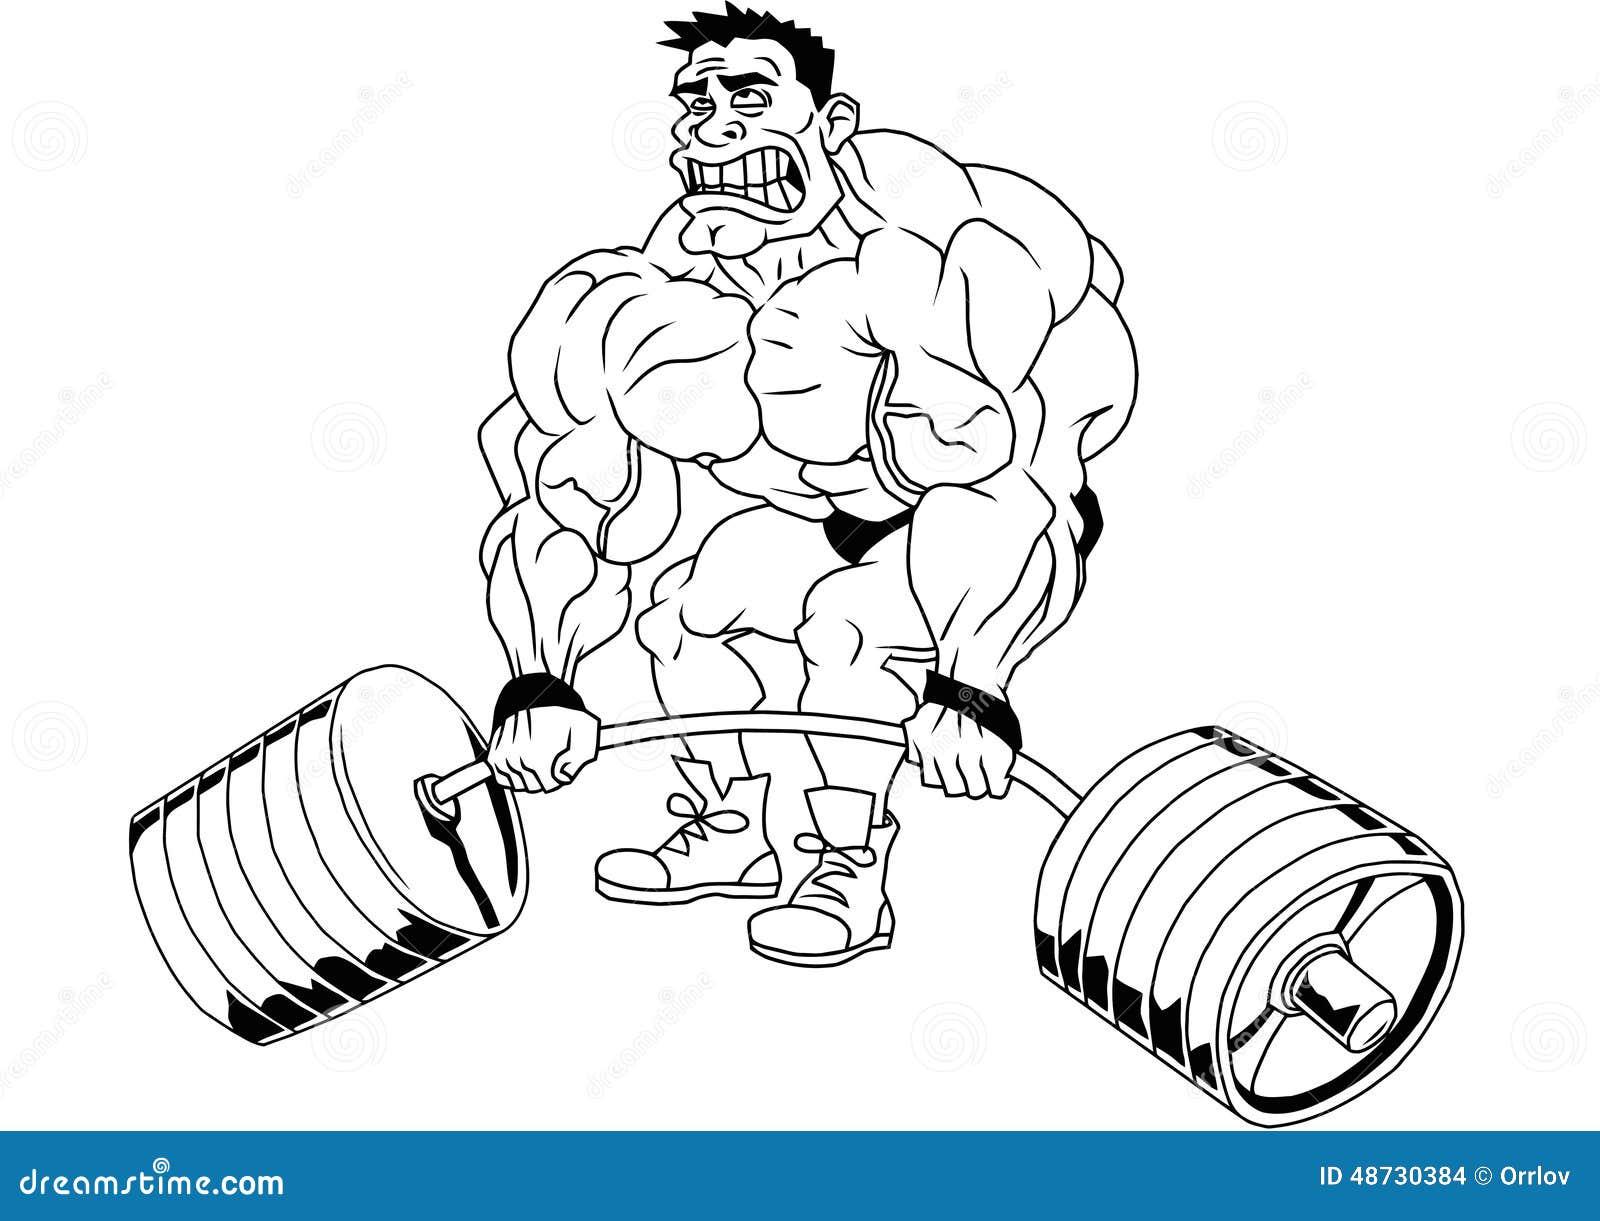 Cartoon funny bodybuilder stock vector. Illustration of